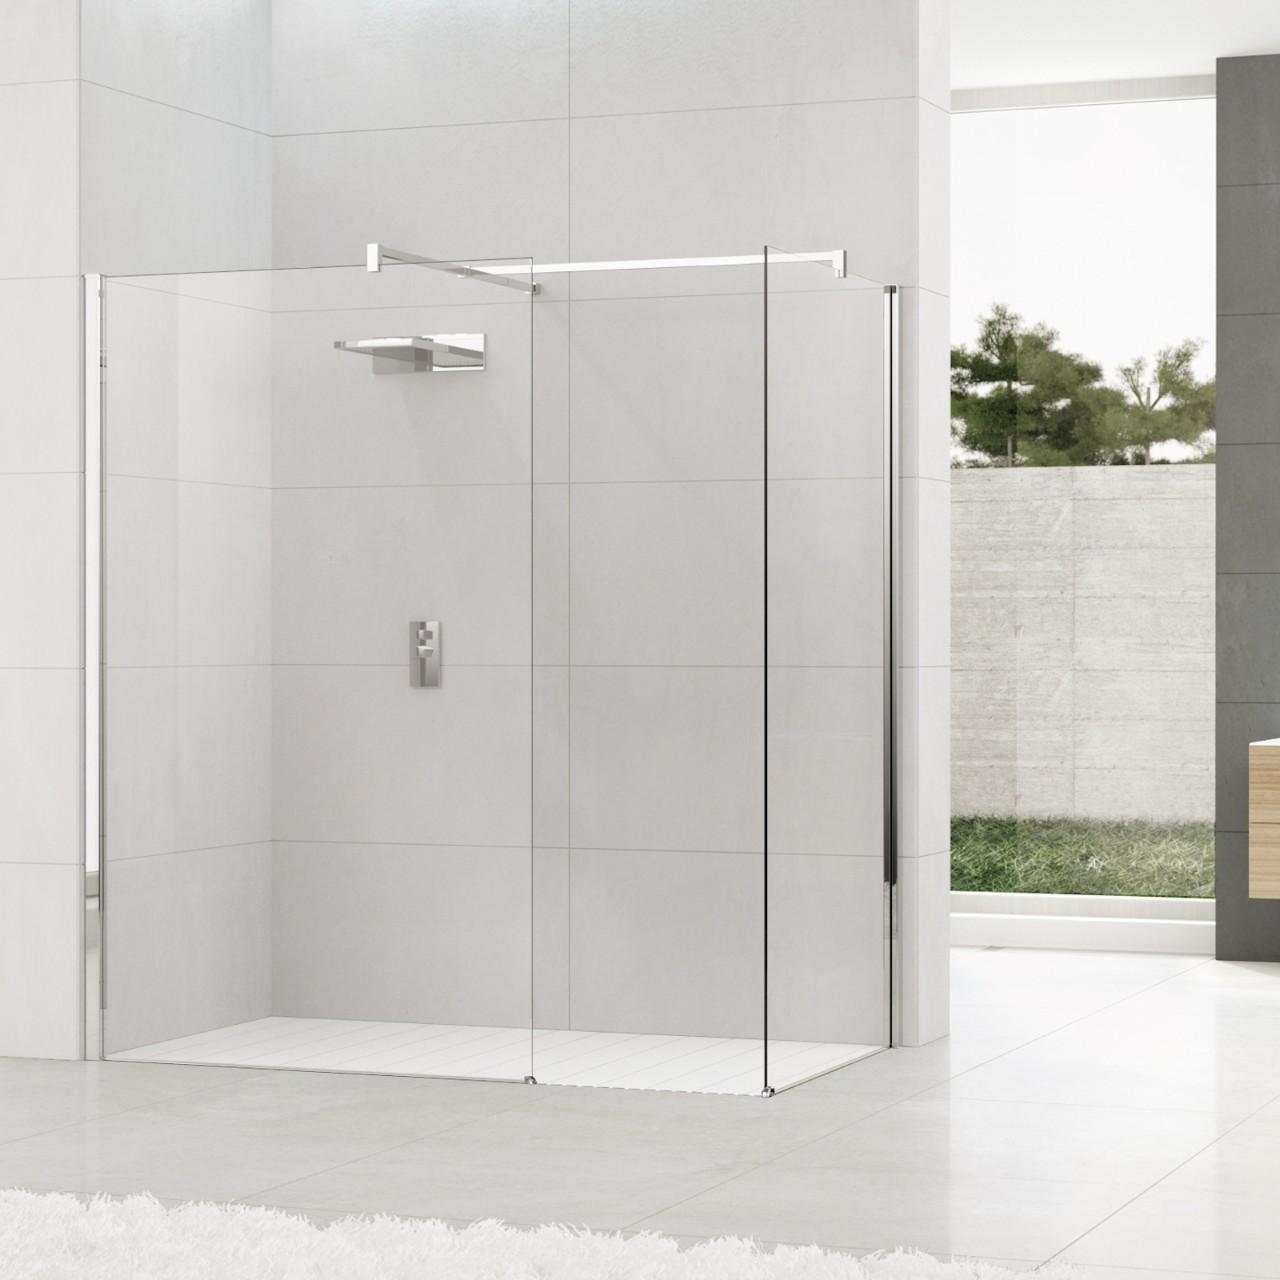 achat d 39 une paroi de douche combi double pour salle de bain. Black Bedroom Furniture Sets. Home Design Ideas